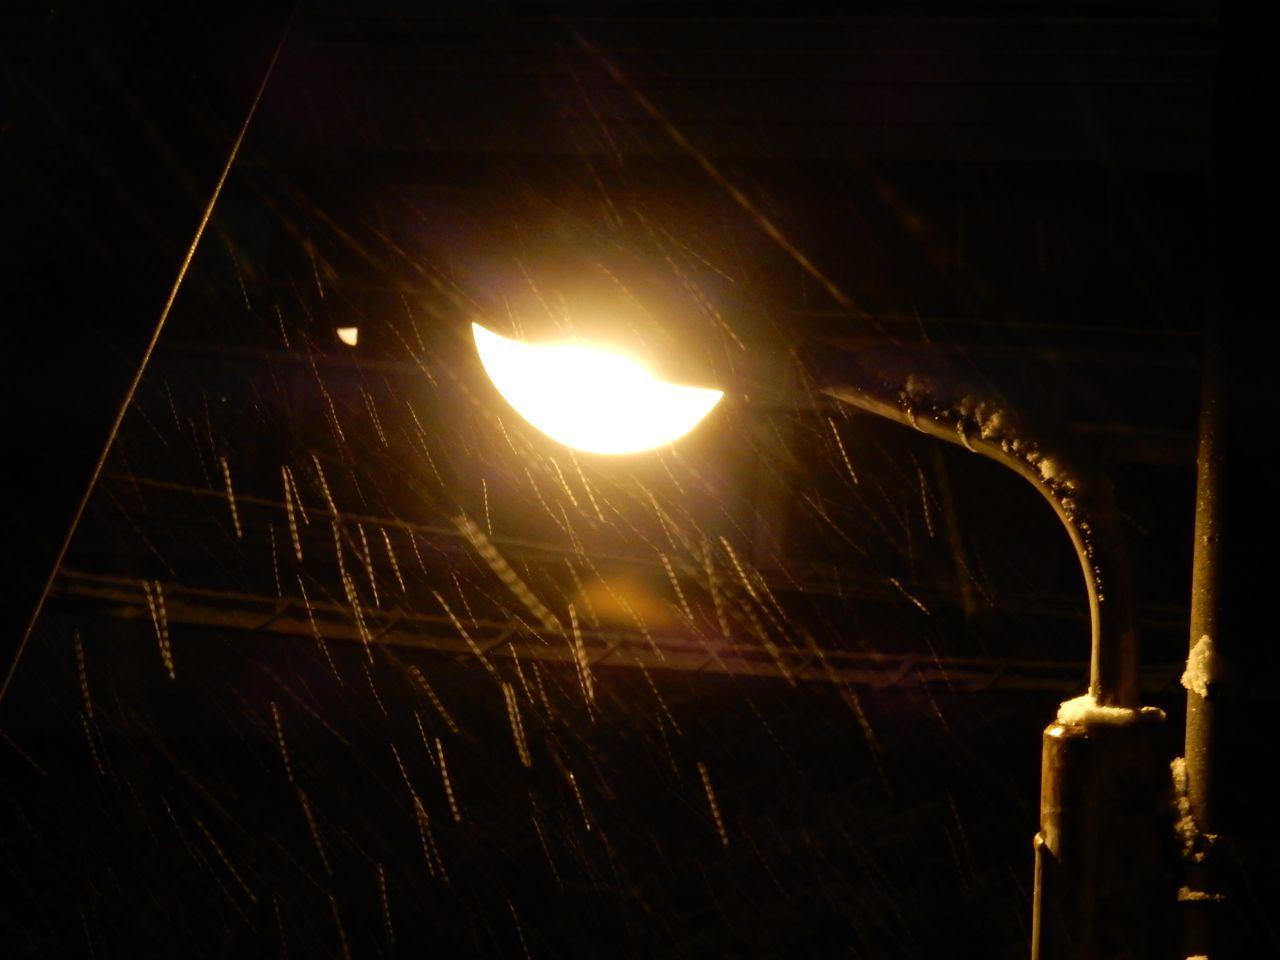 嵐にならない札幌_c0025115_21253110.jpg